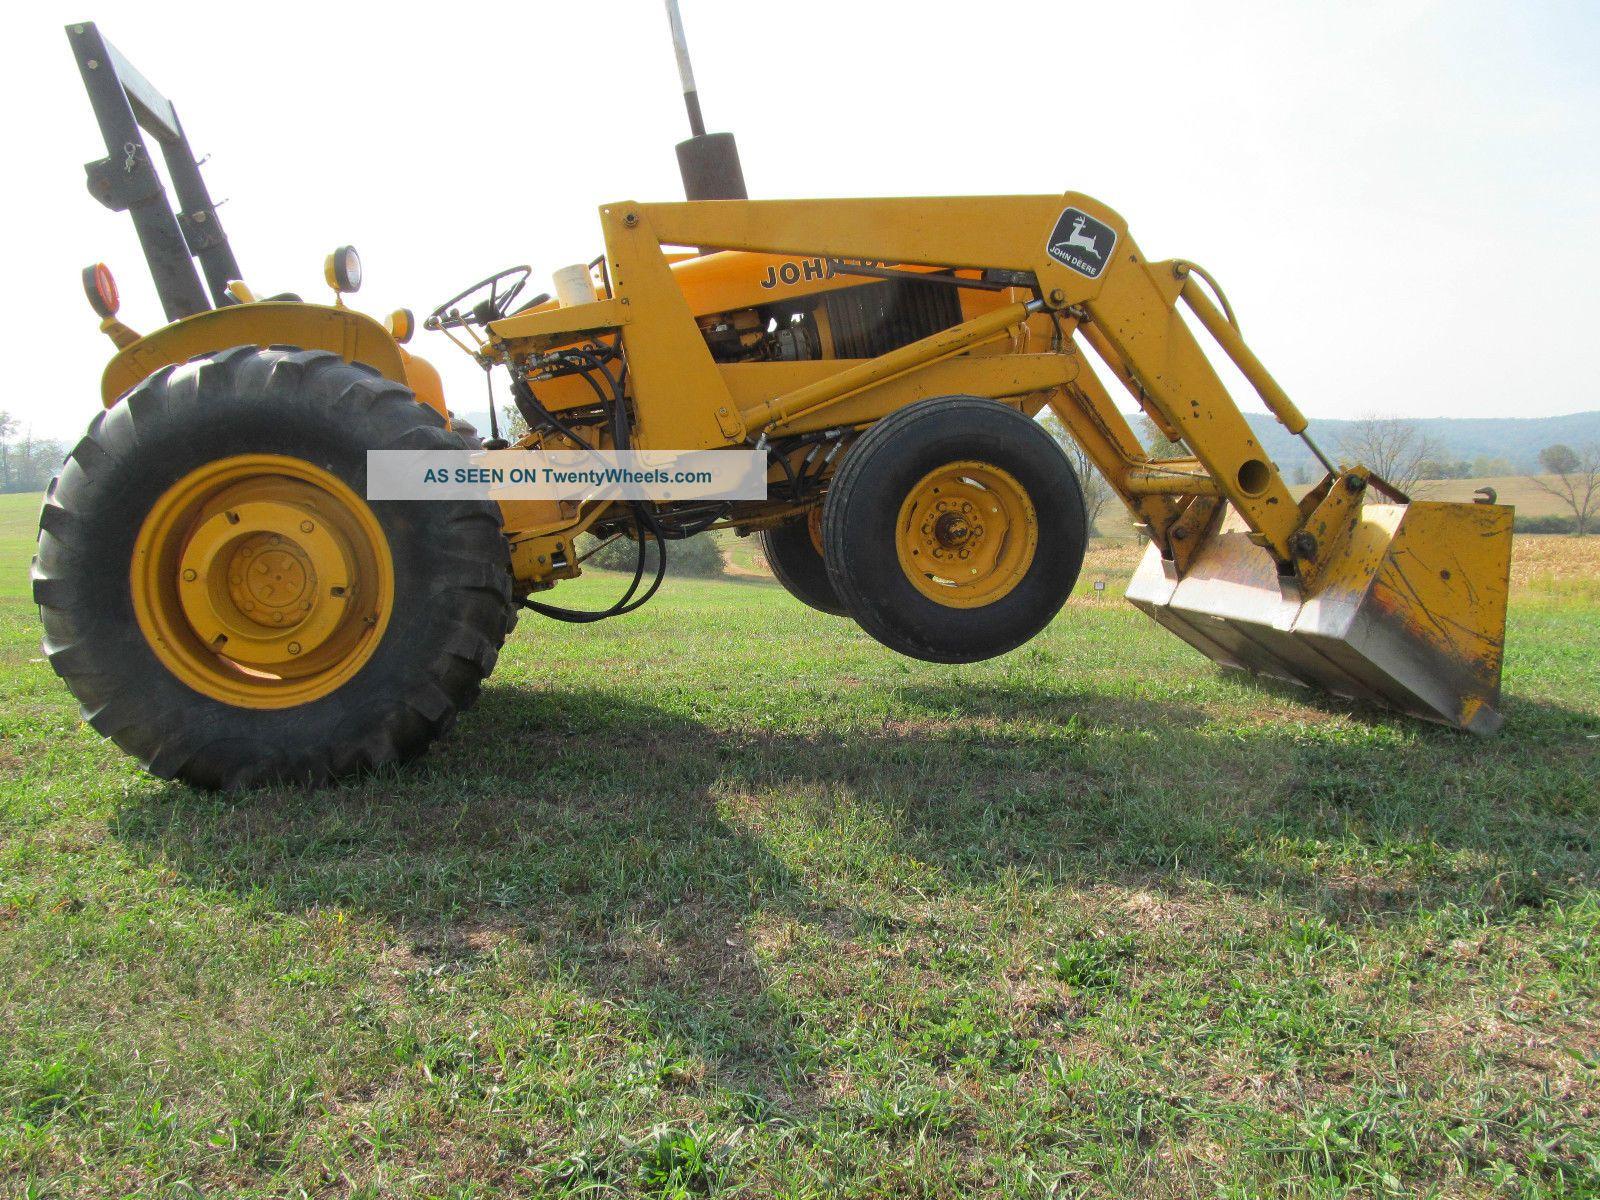 John Deere 301 A Industrial Tractor Loader 43 Hp Diesel Gear Hydro  #A67625